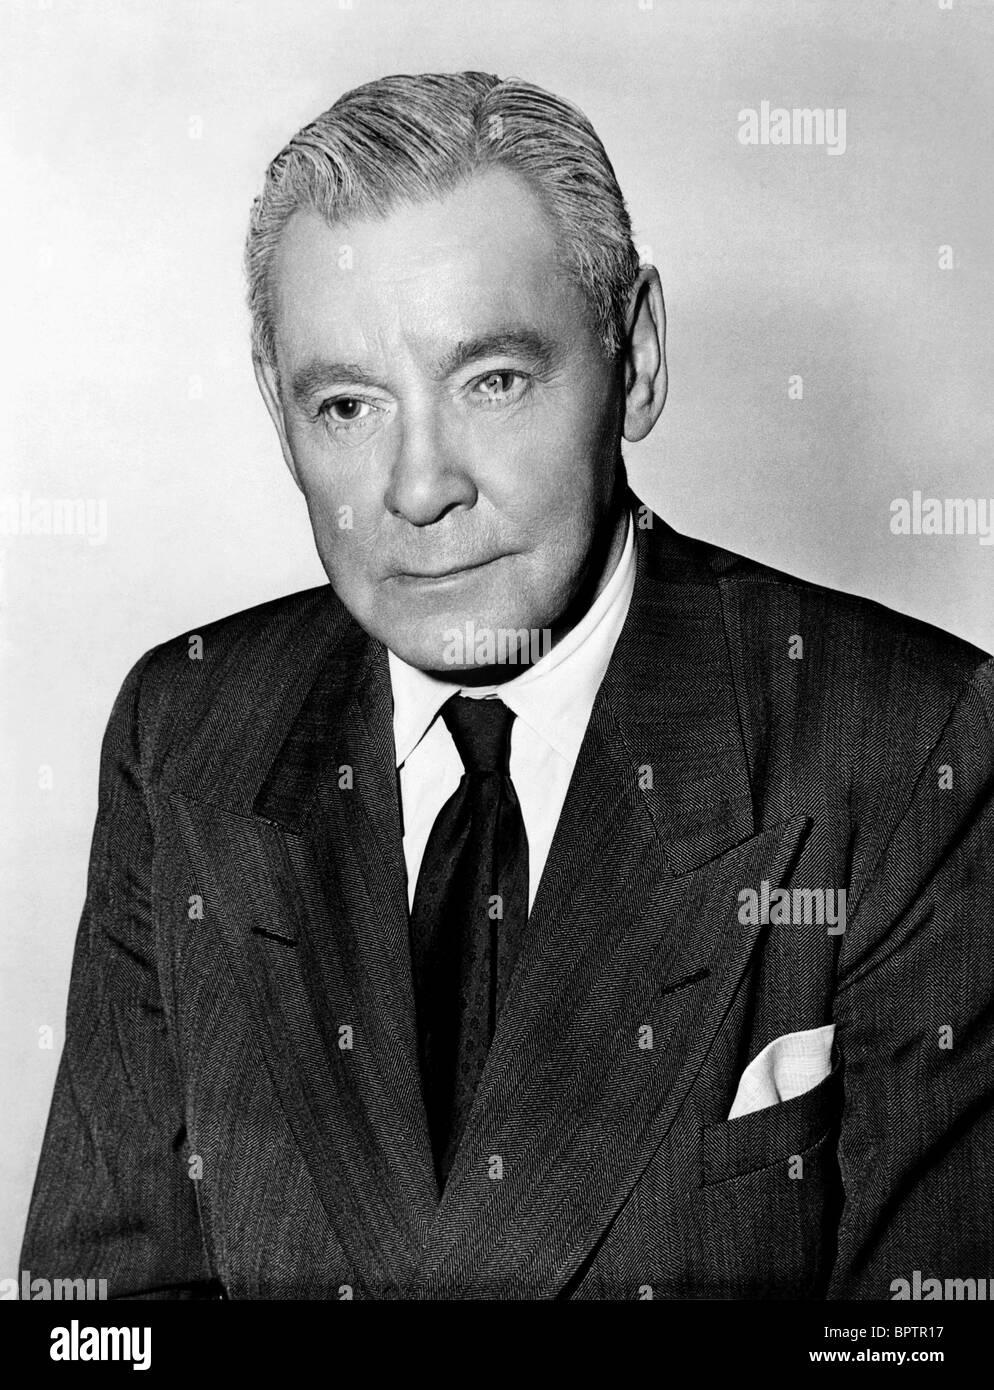 HERBERT MARSHALL ACTOR (1960) - Stock Image